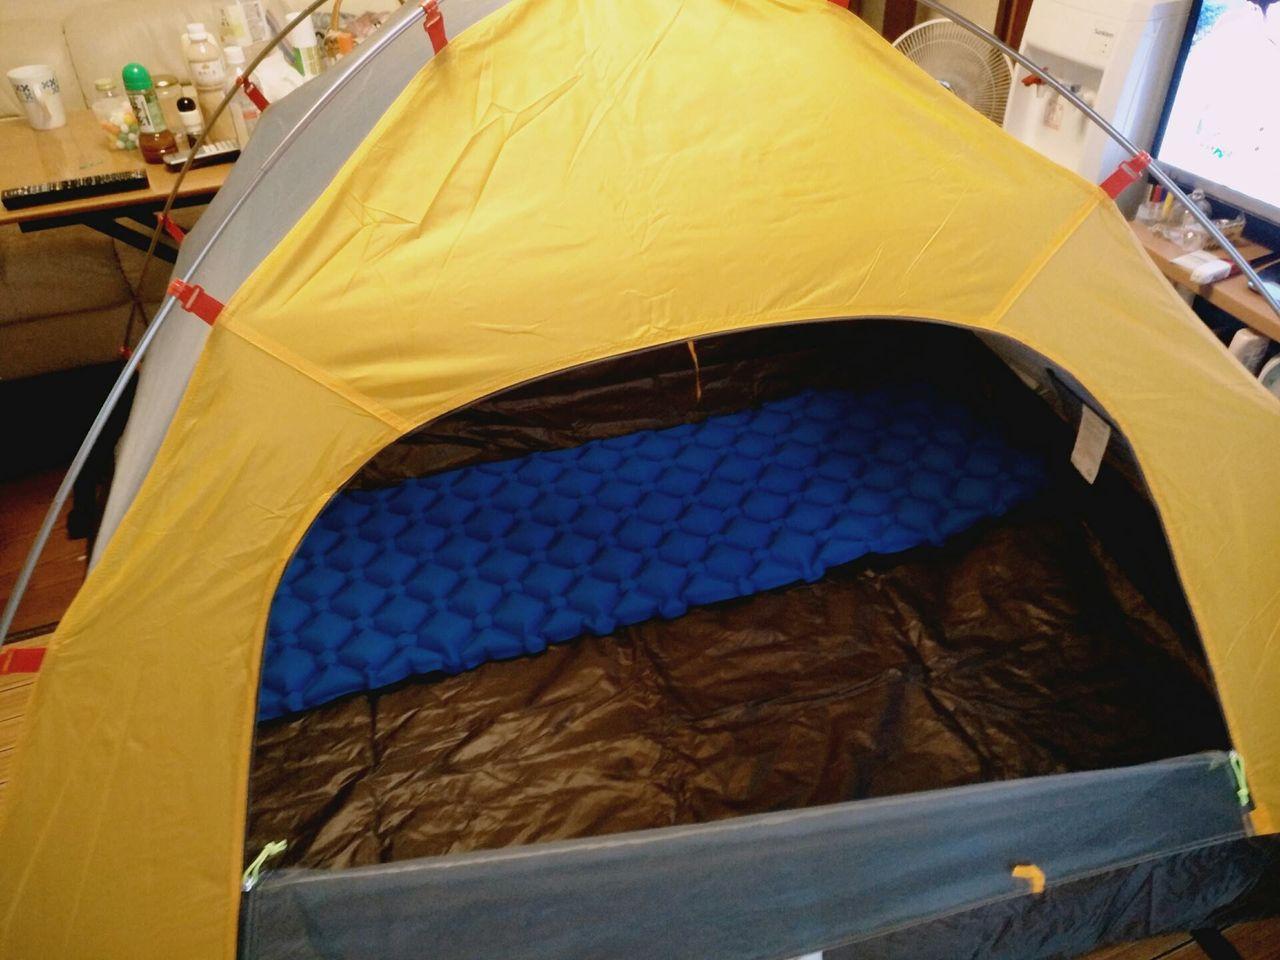 アマゾンで買った6000円のテント届いたwwwww